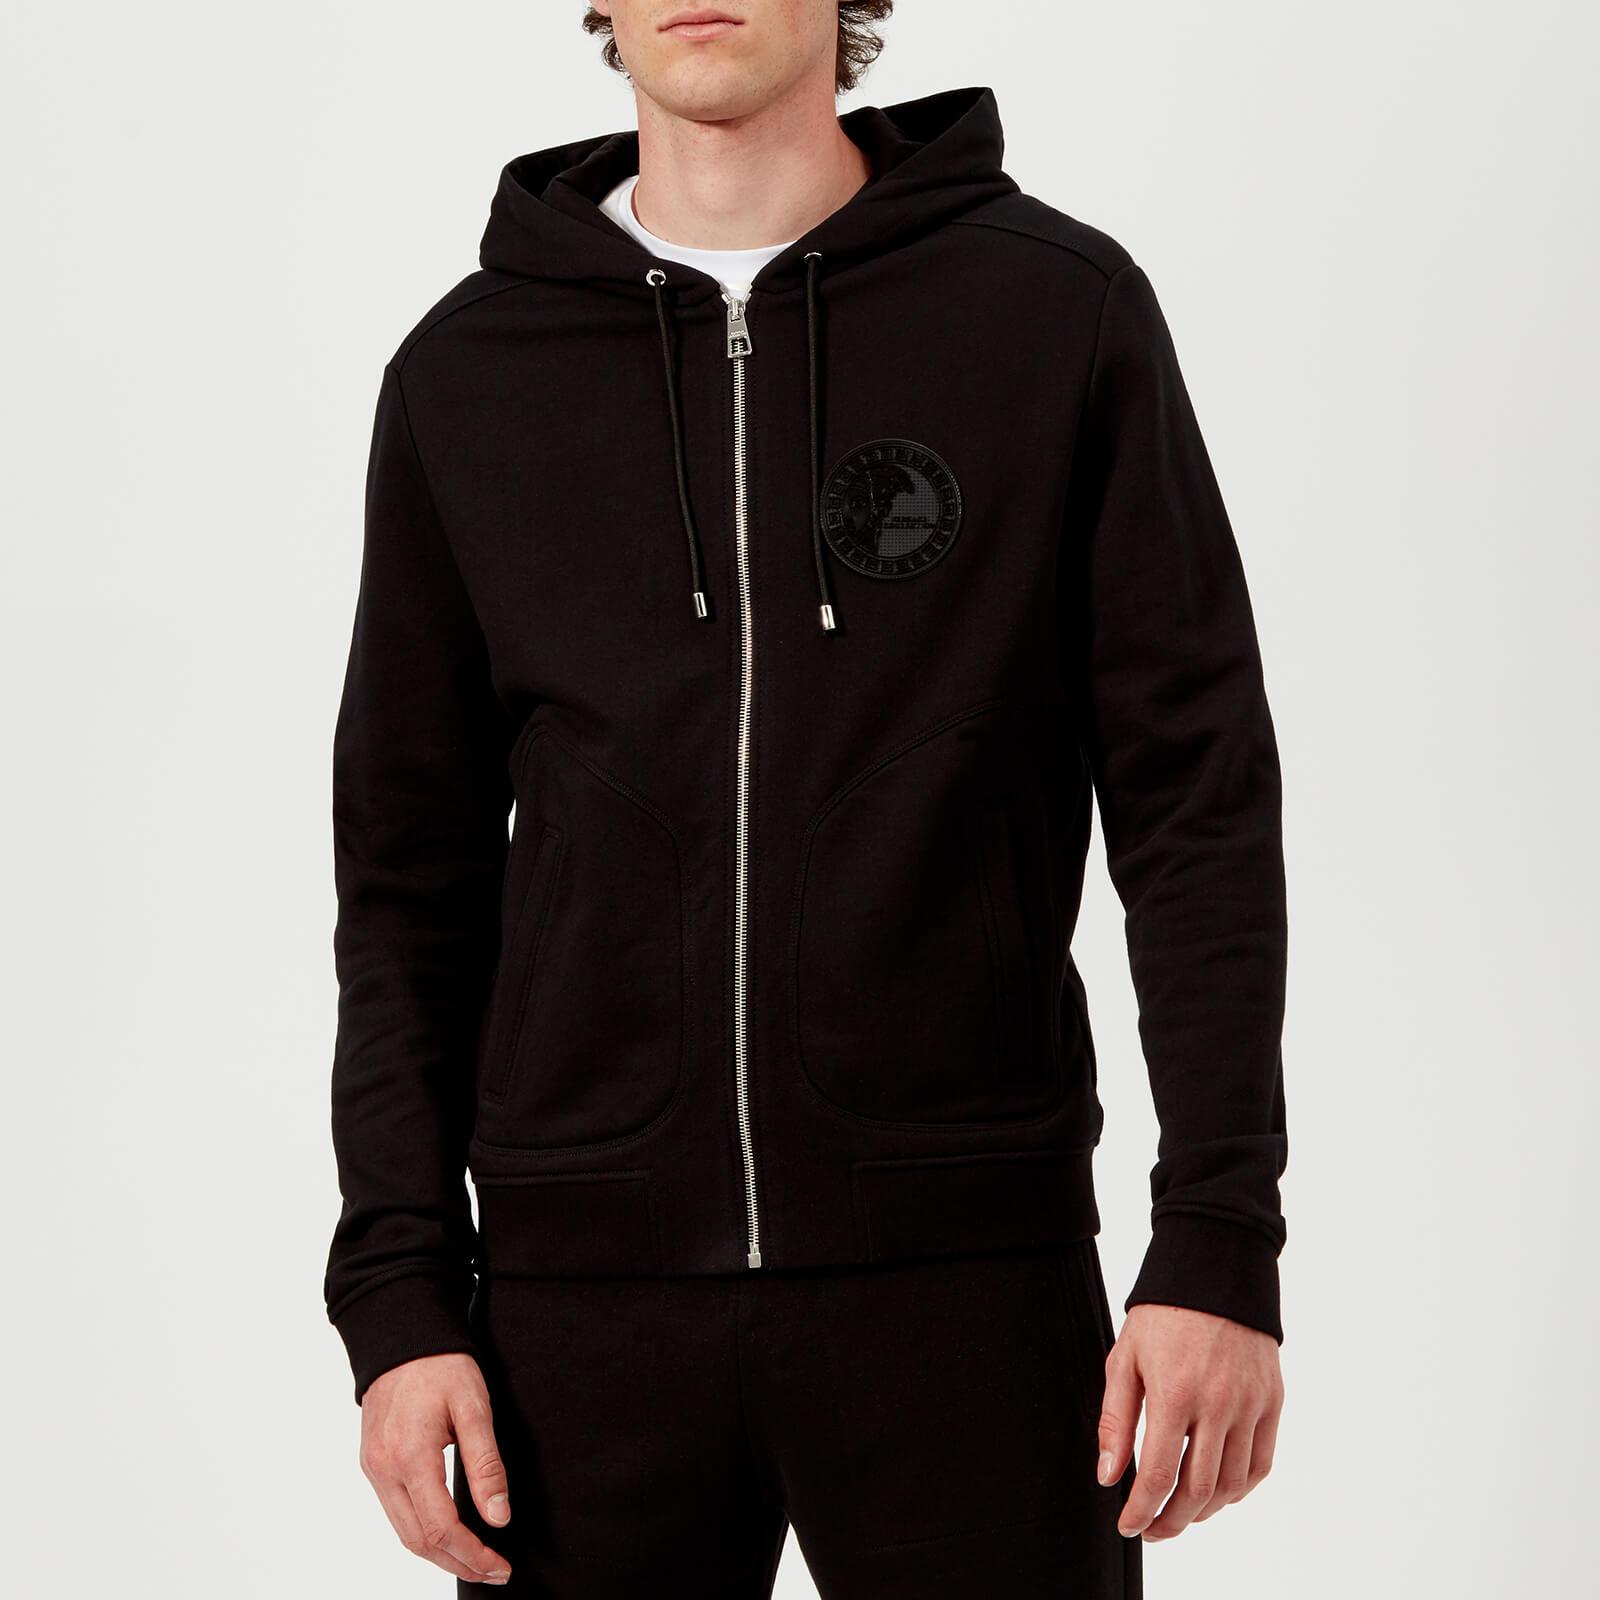 071ad3551f Versace Collection Men's Zip Up Hoodie - Black